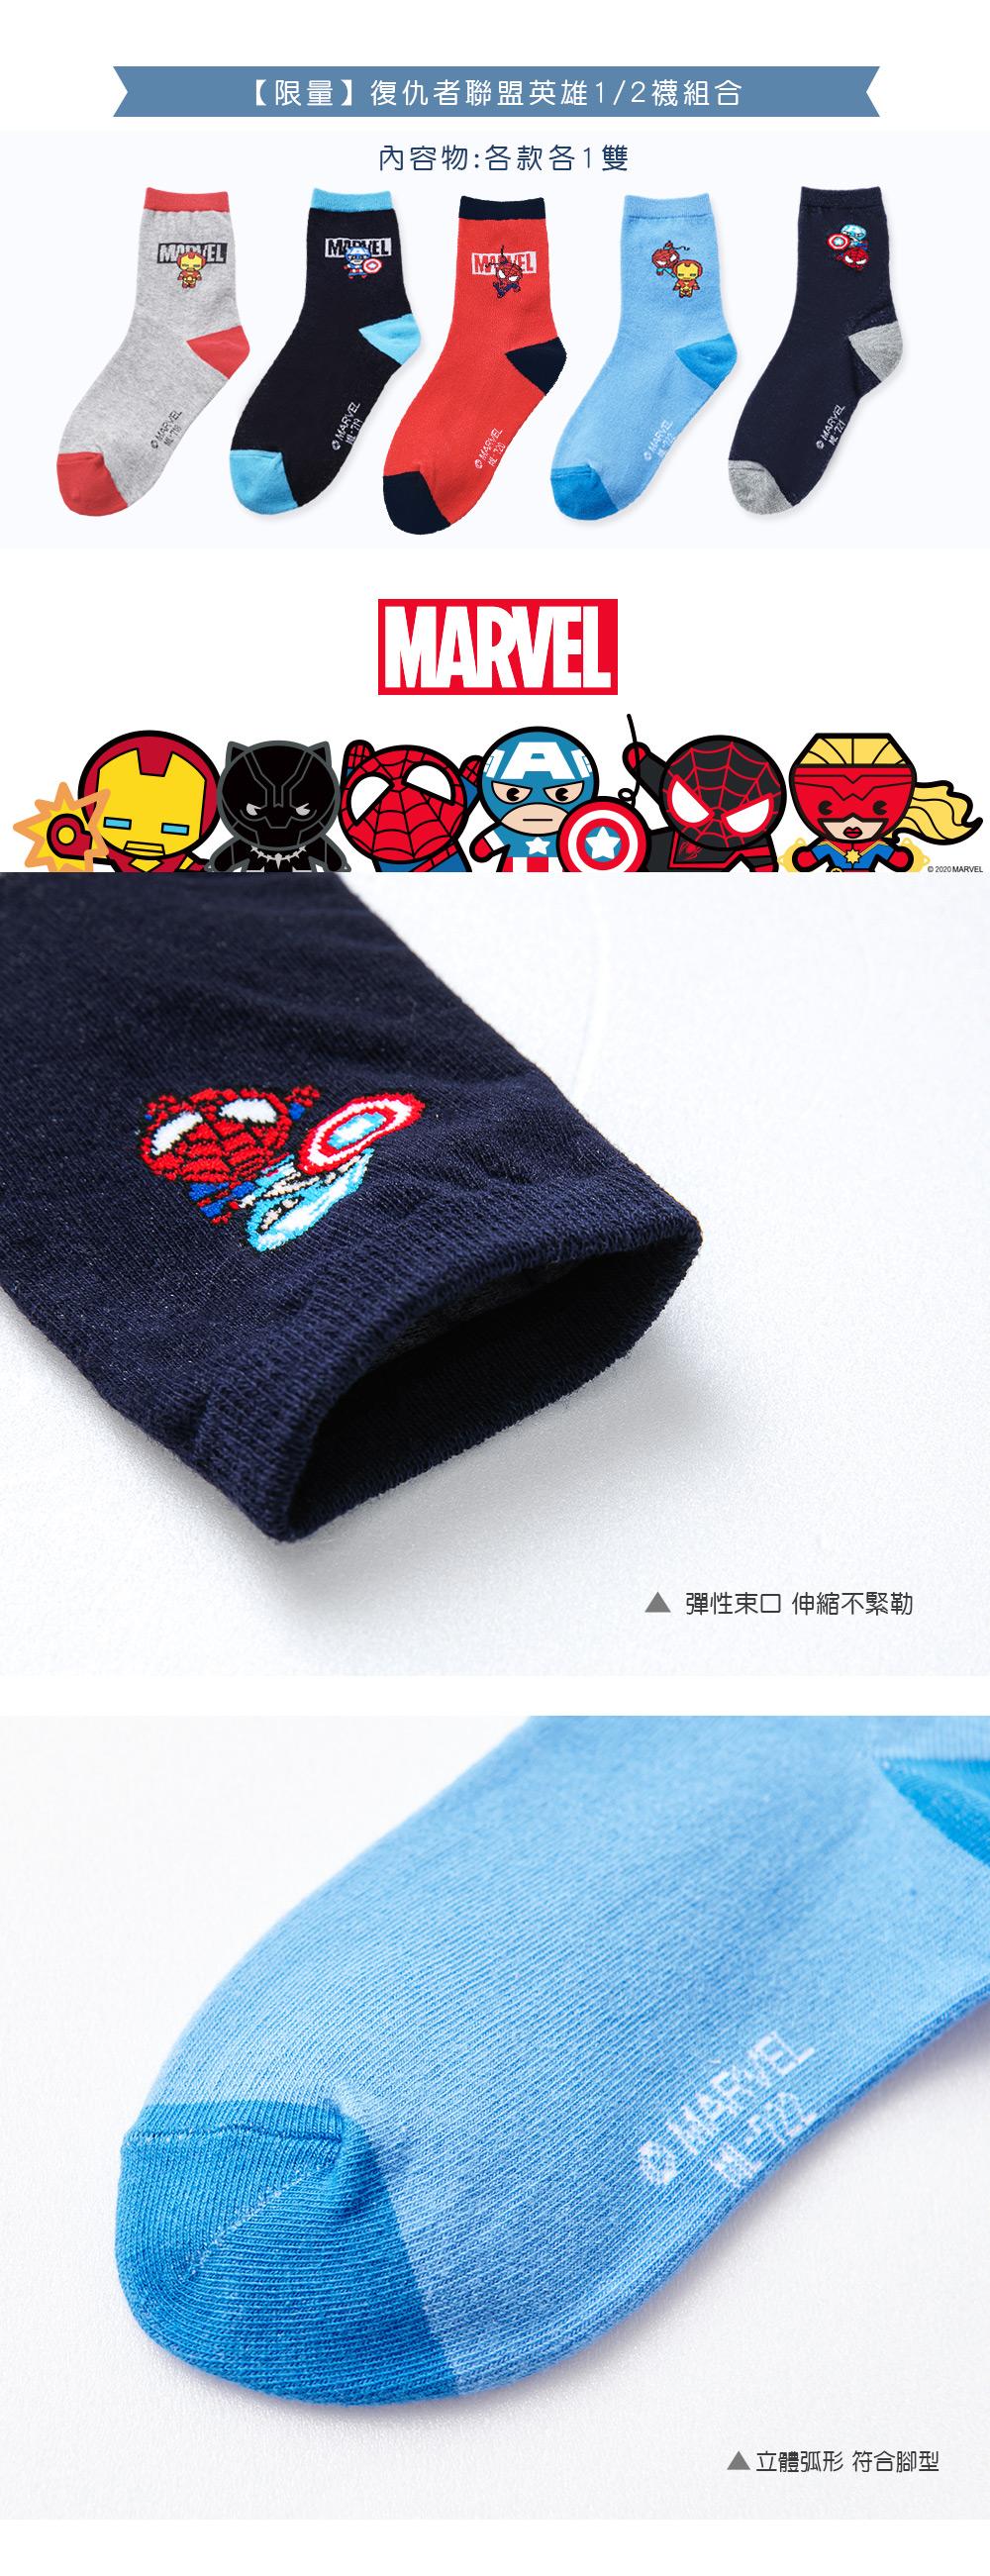 限量/漫威系列童襪(5雙)